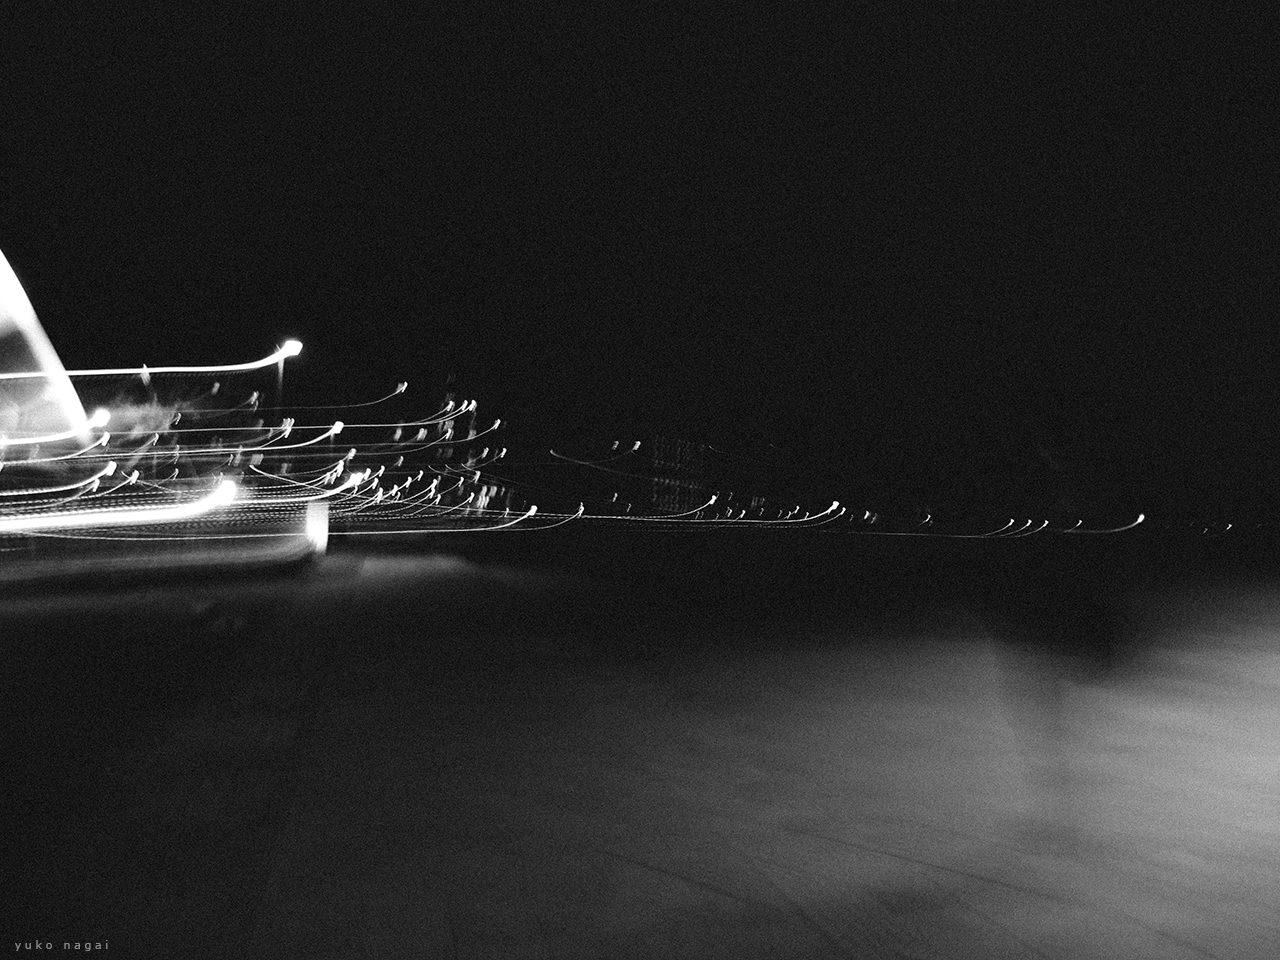 Lights at a night port.